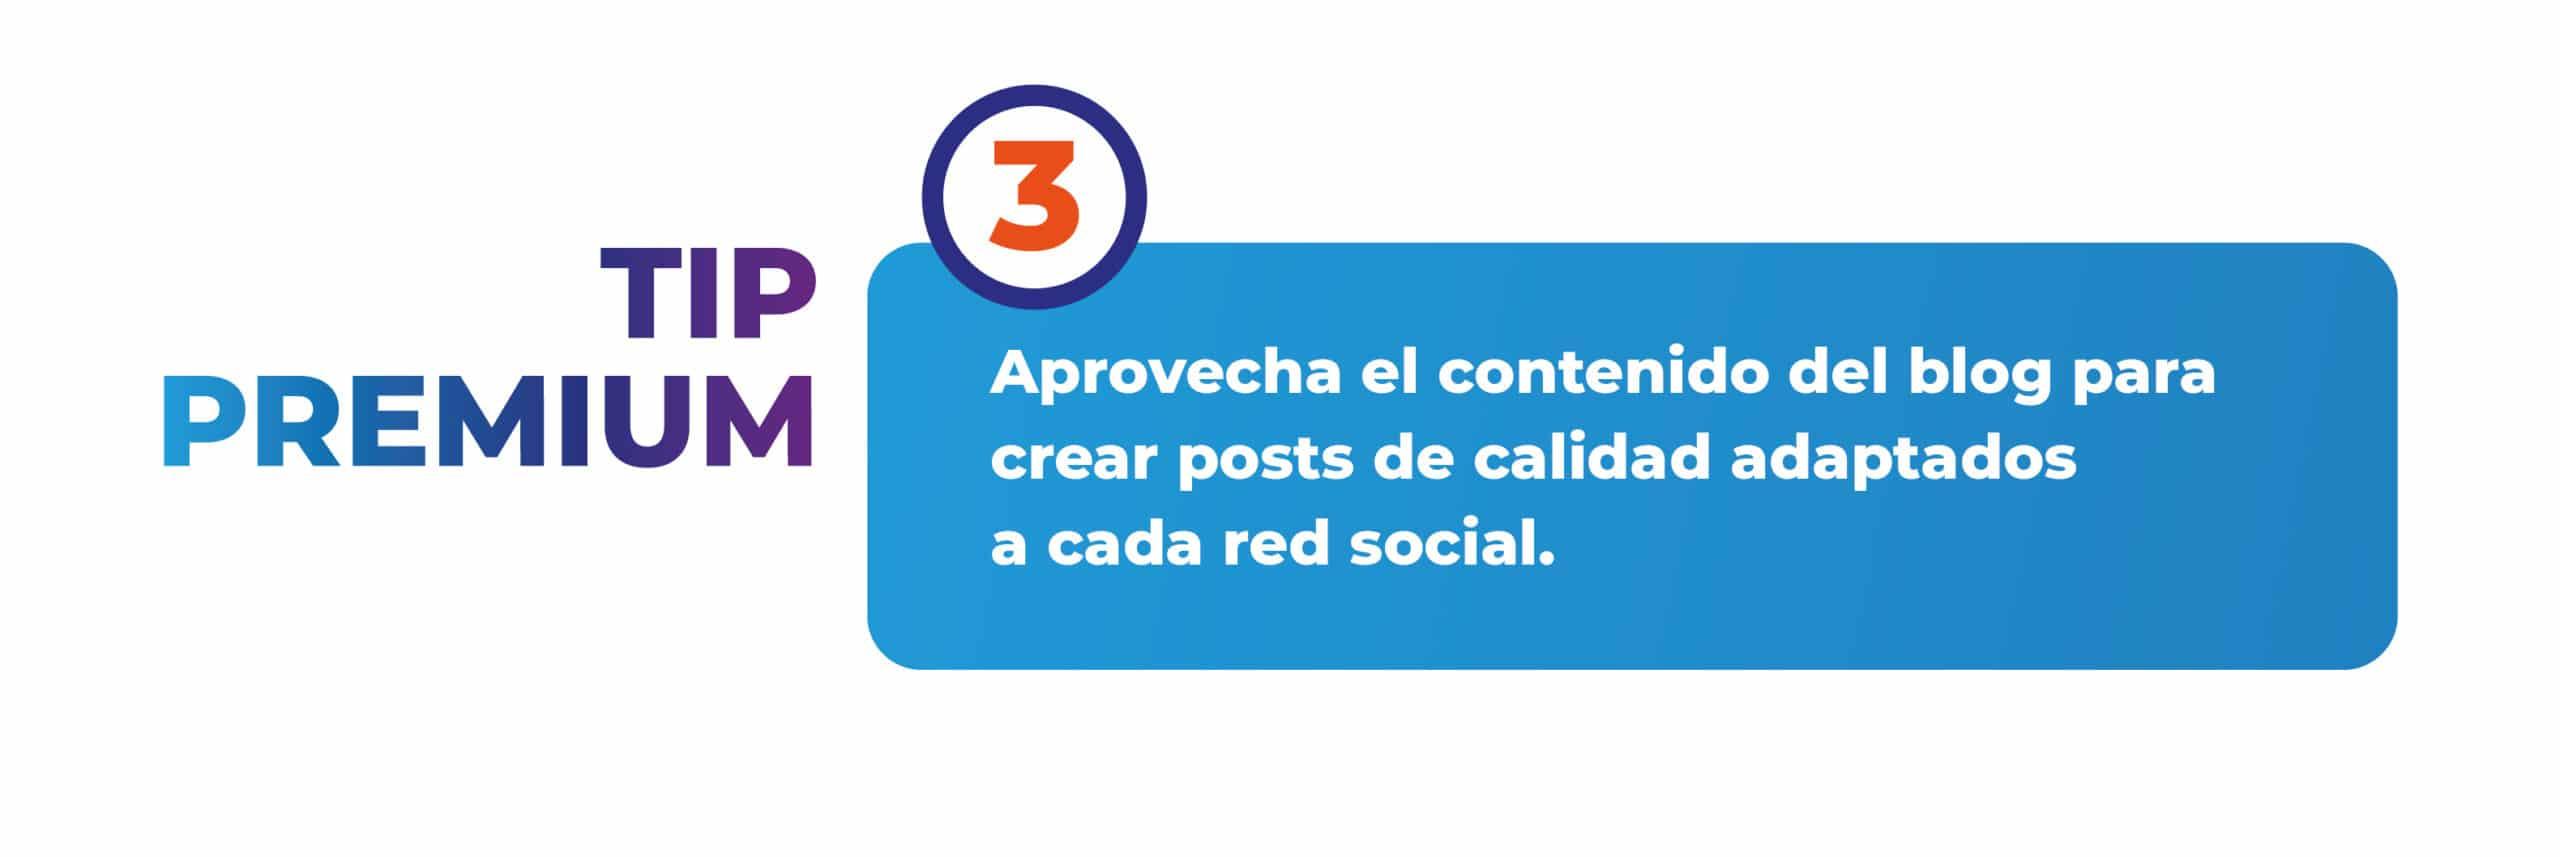 Tip 3 para escribir un blog